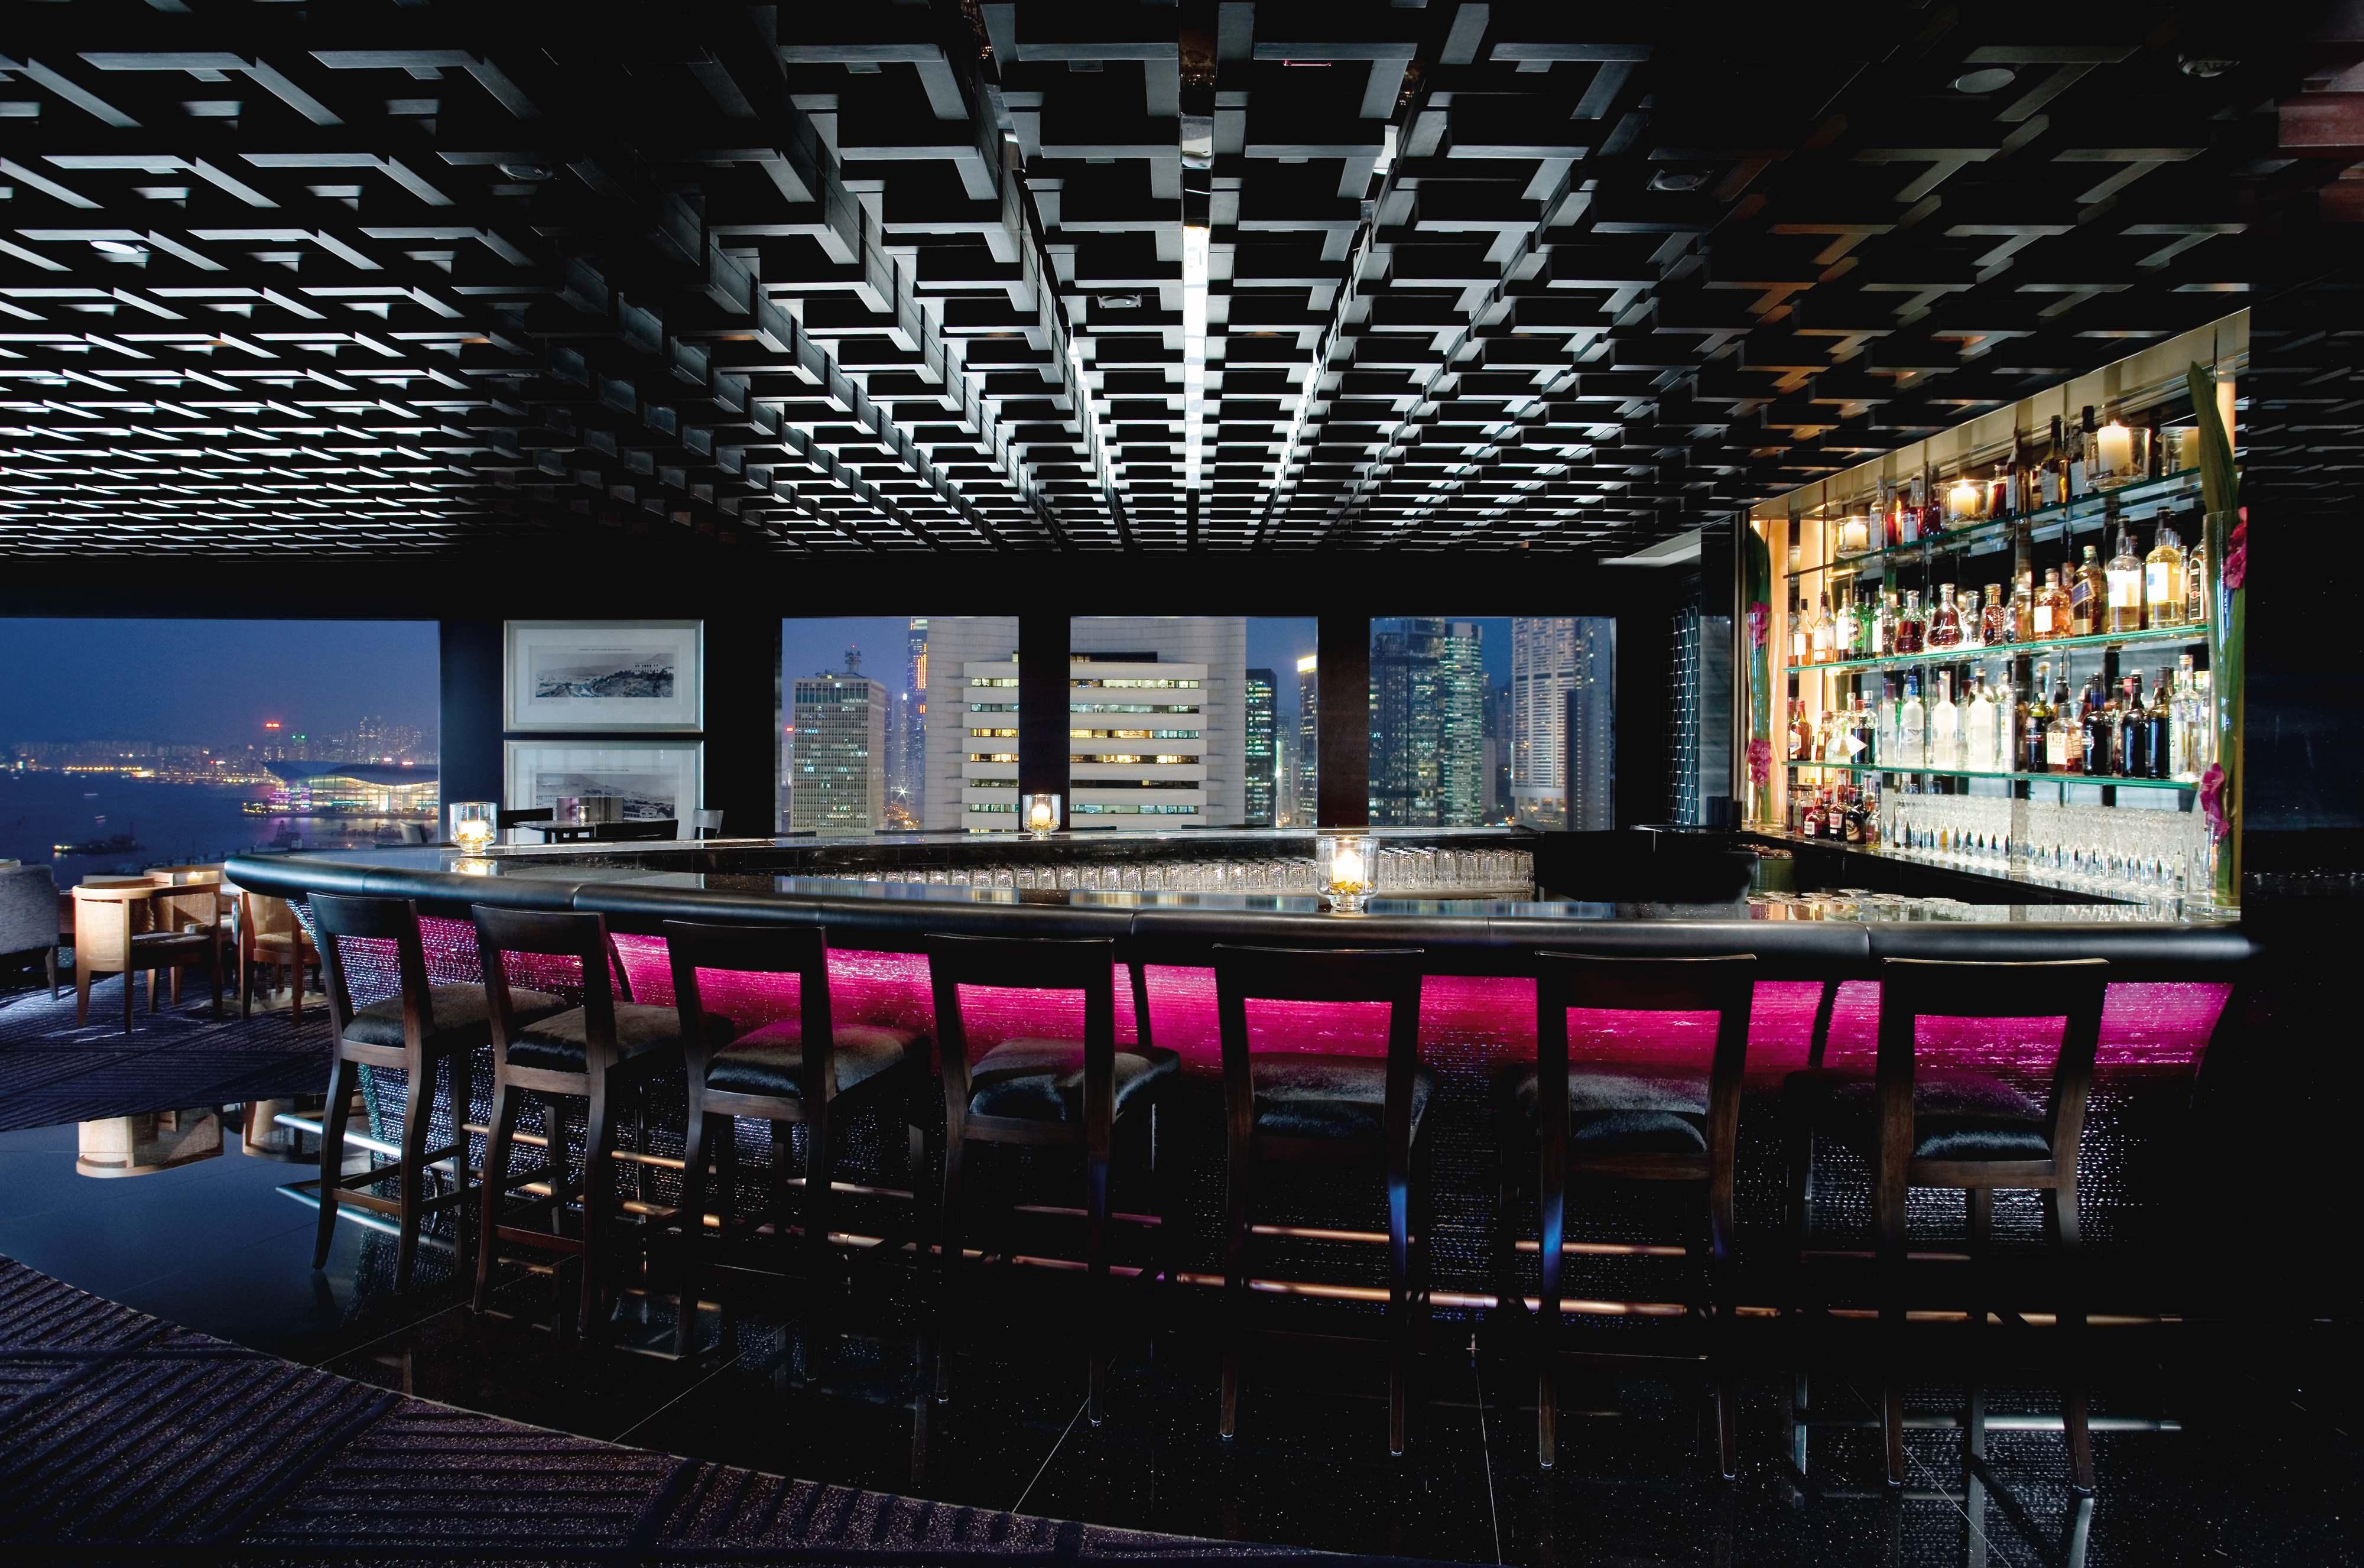 Best restaurants in hong kong - M Bar Mandarin Oriental Hotel Hong Kong - art basel hong kong - best bars in hong kong